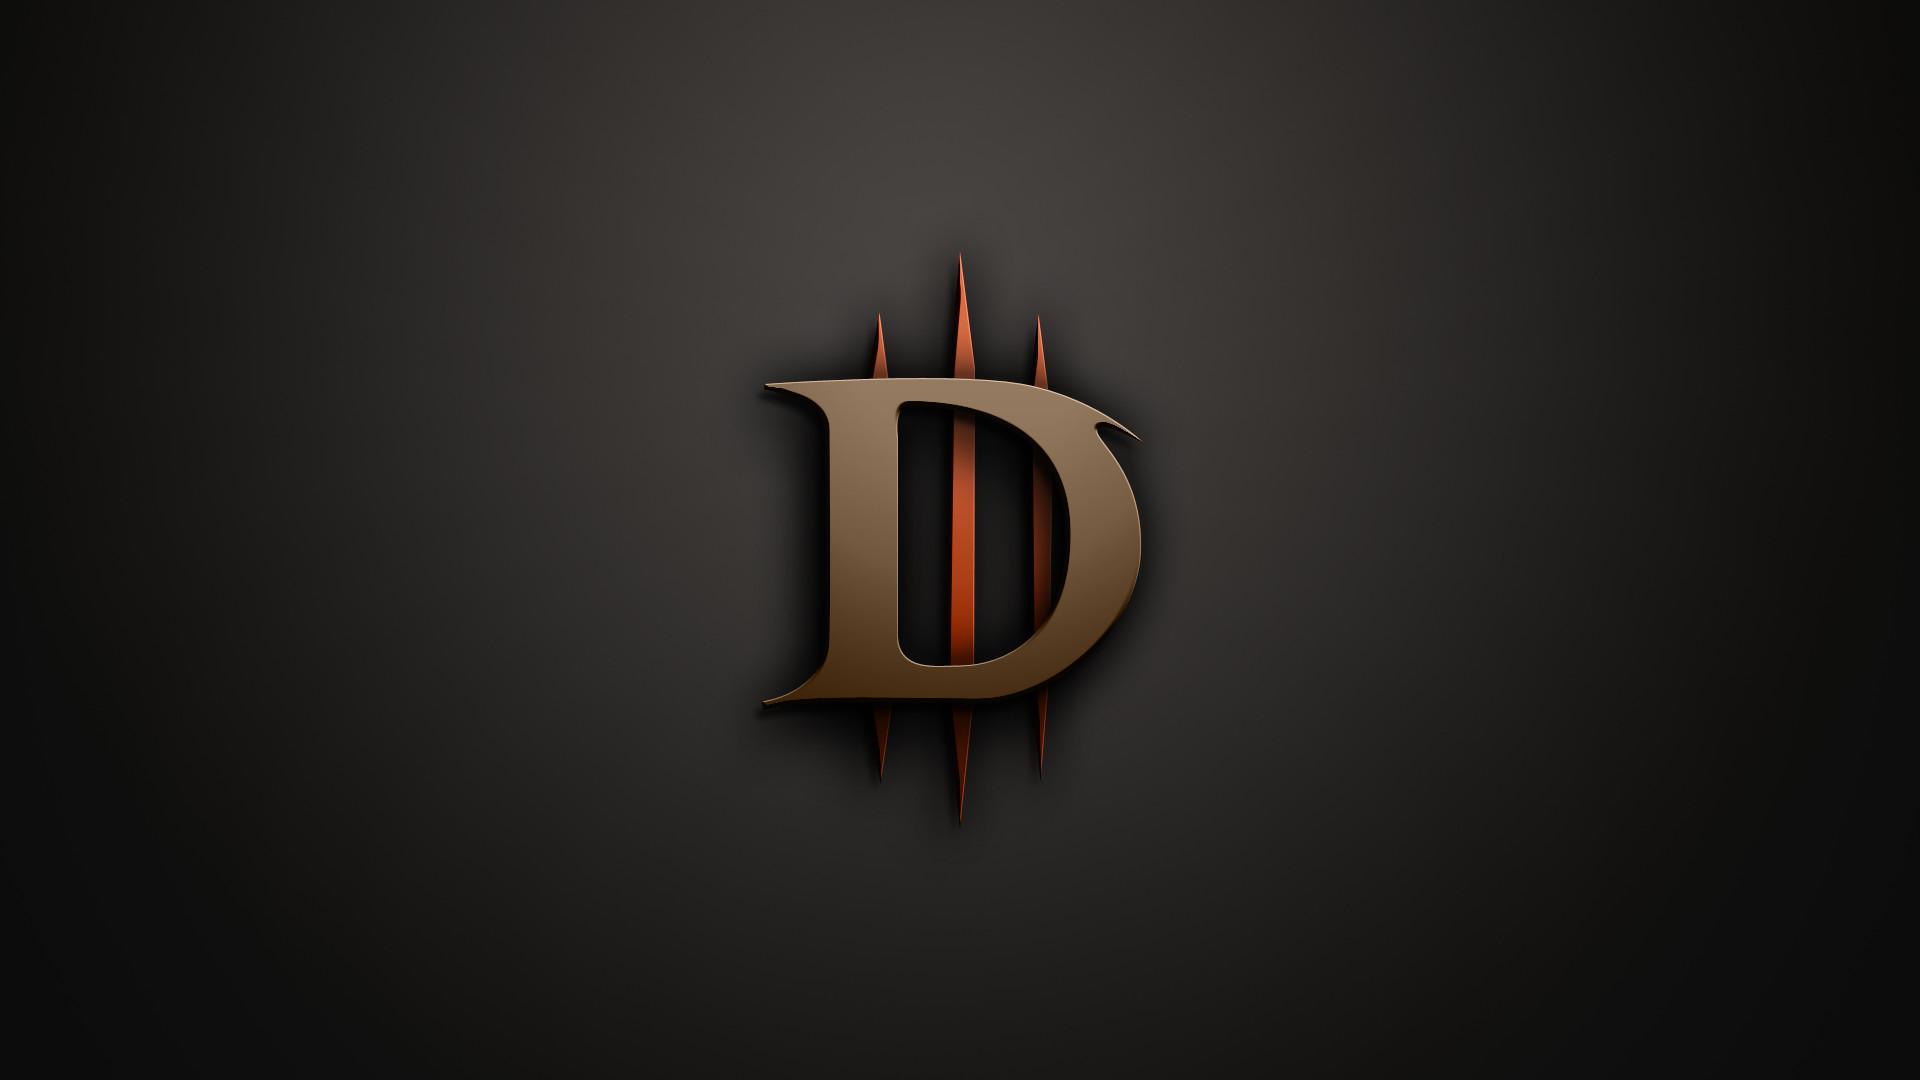 … Diablo 3, …